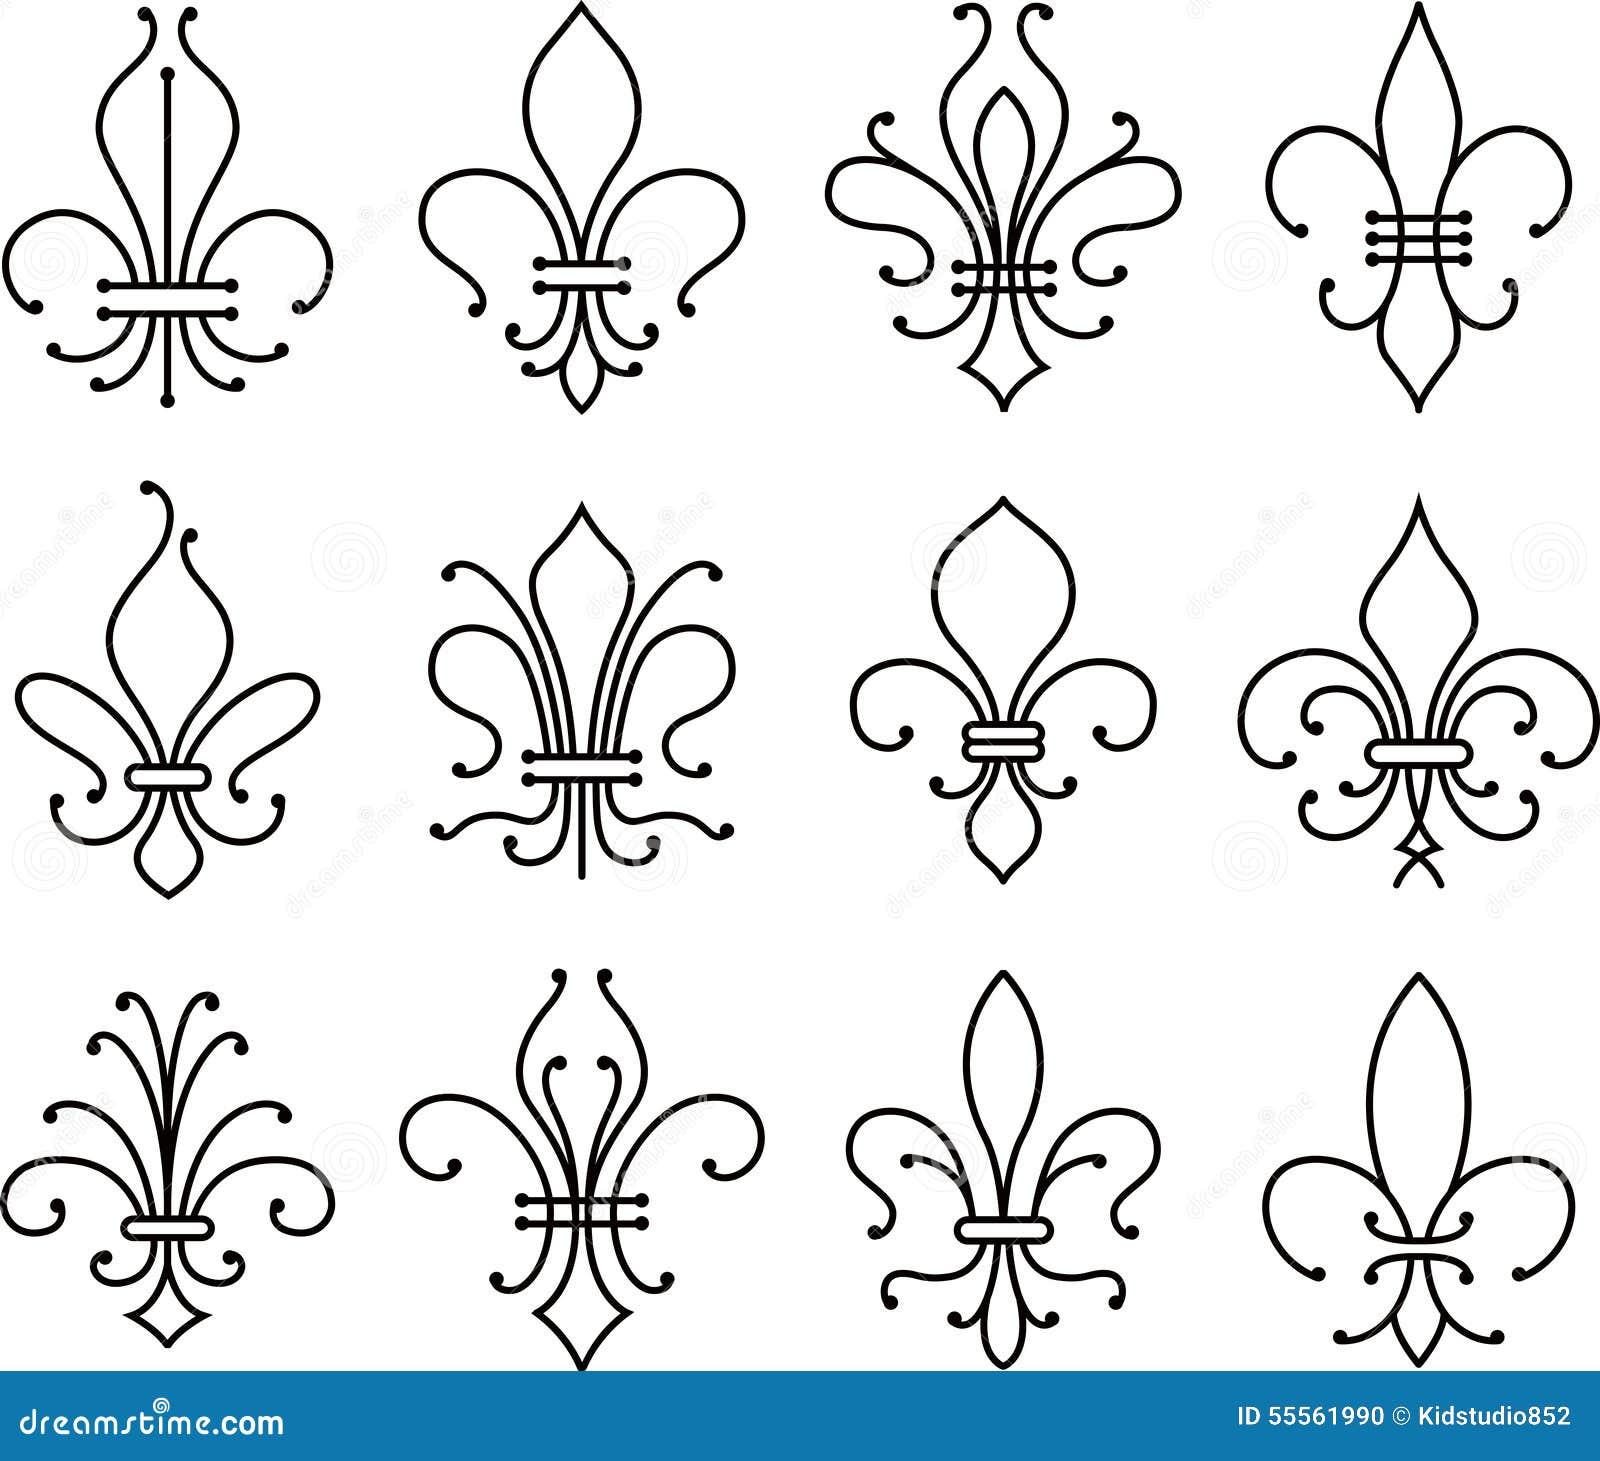 Símbolo De Los Elementos De La Voluta De La Flor De Lis Ilustración